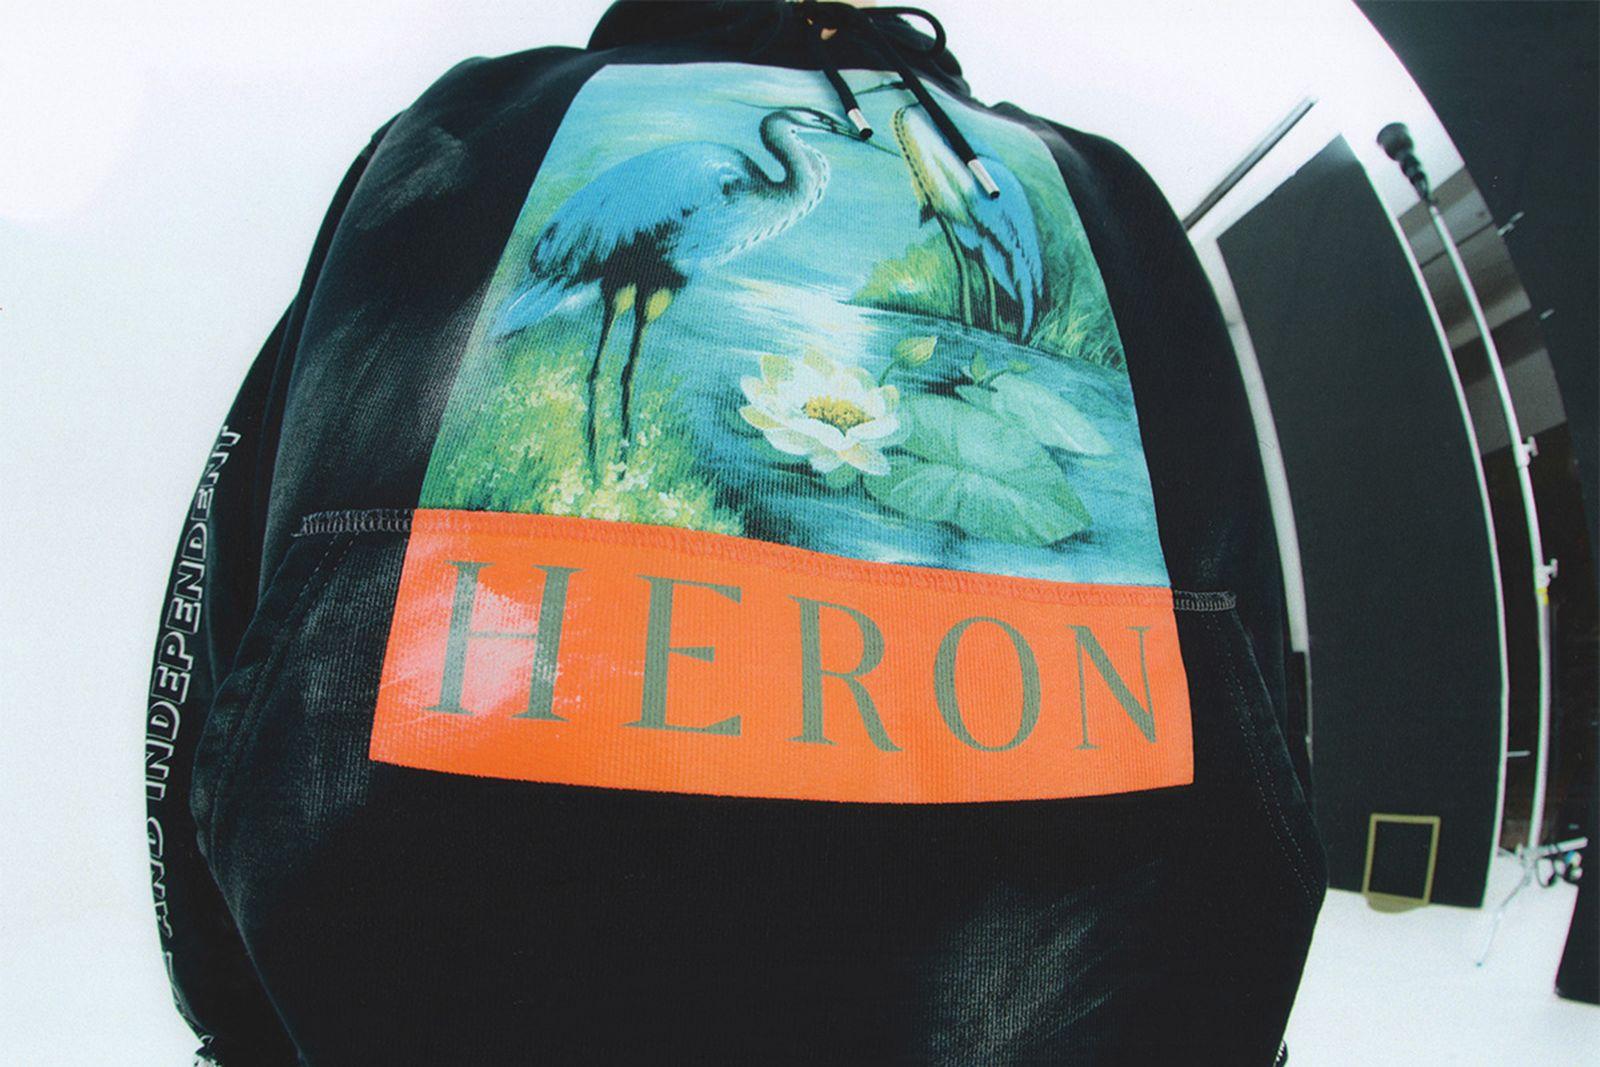 Luisaviaroma x Heron Preston